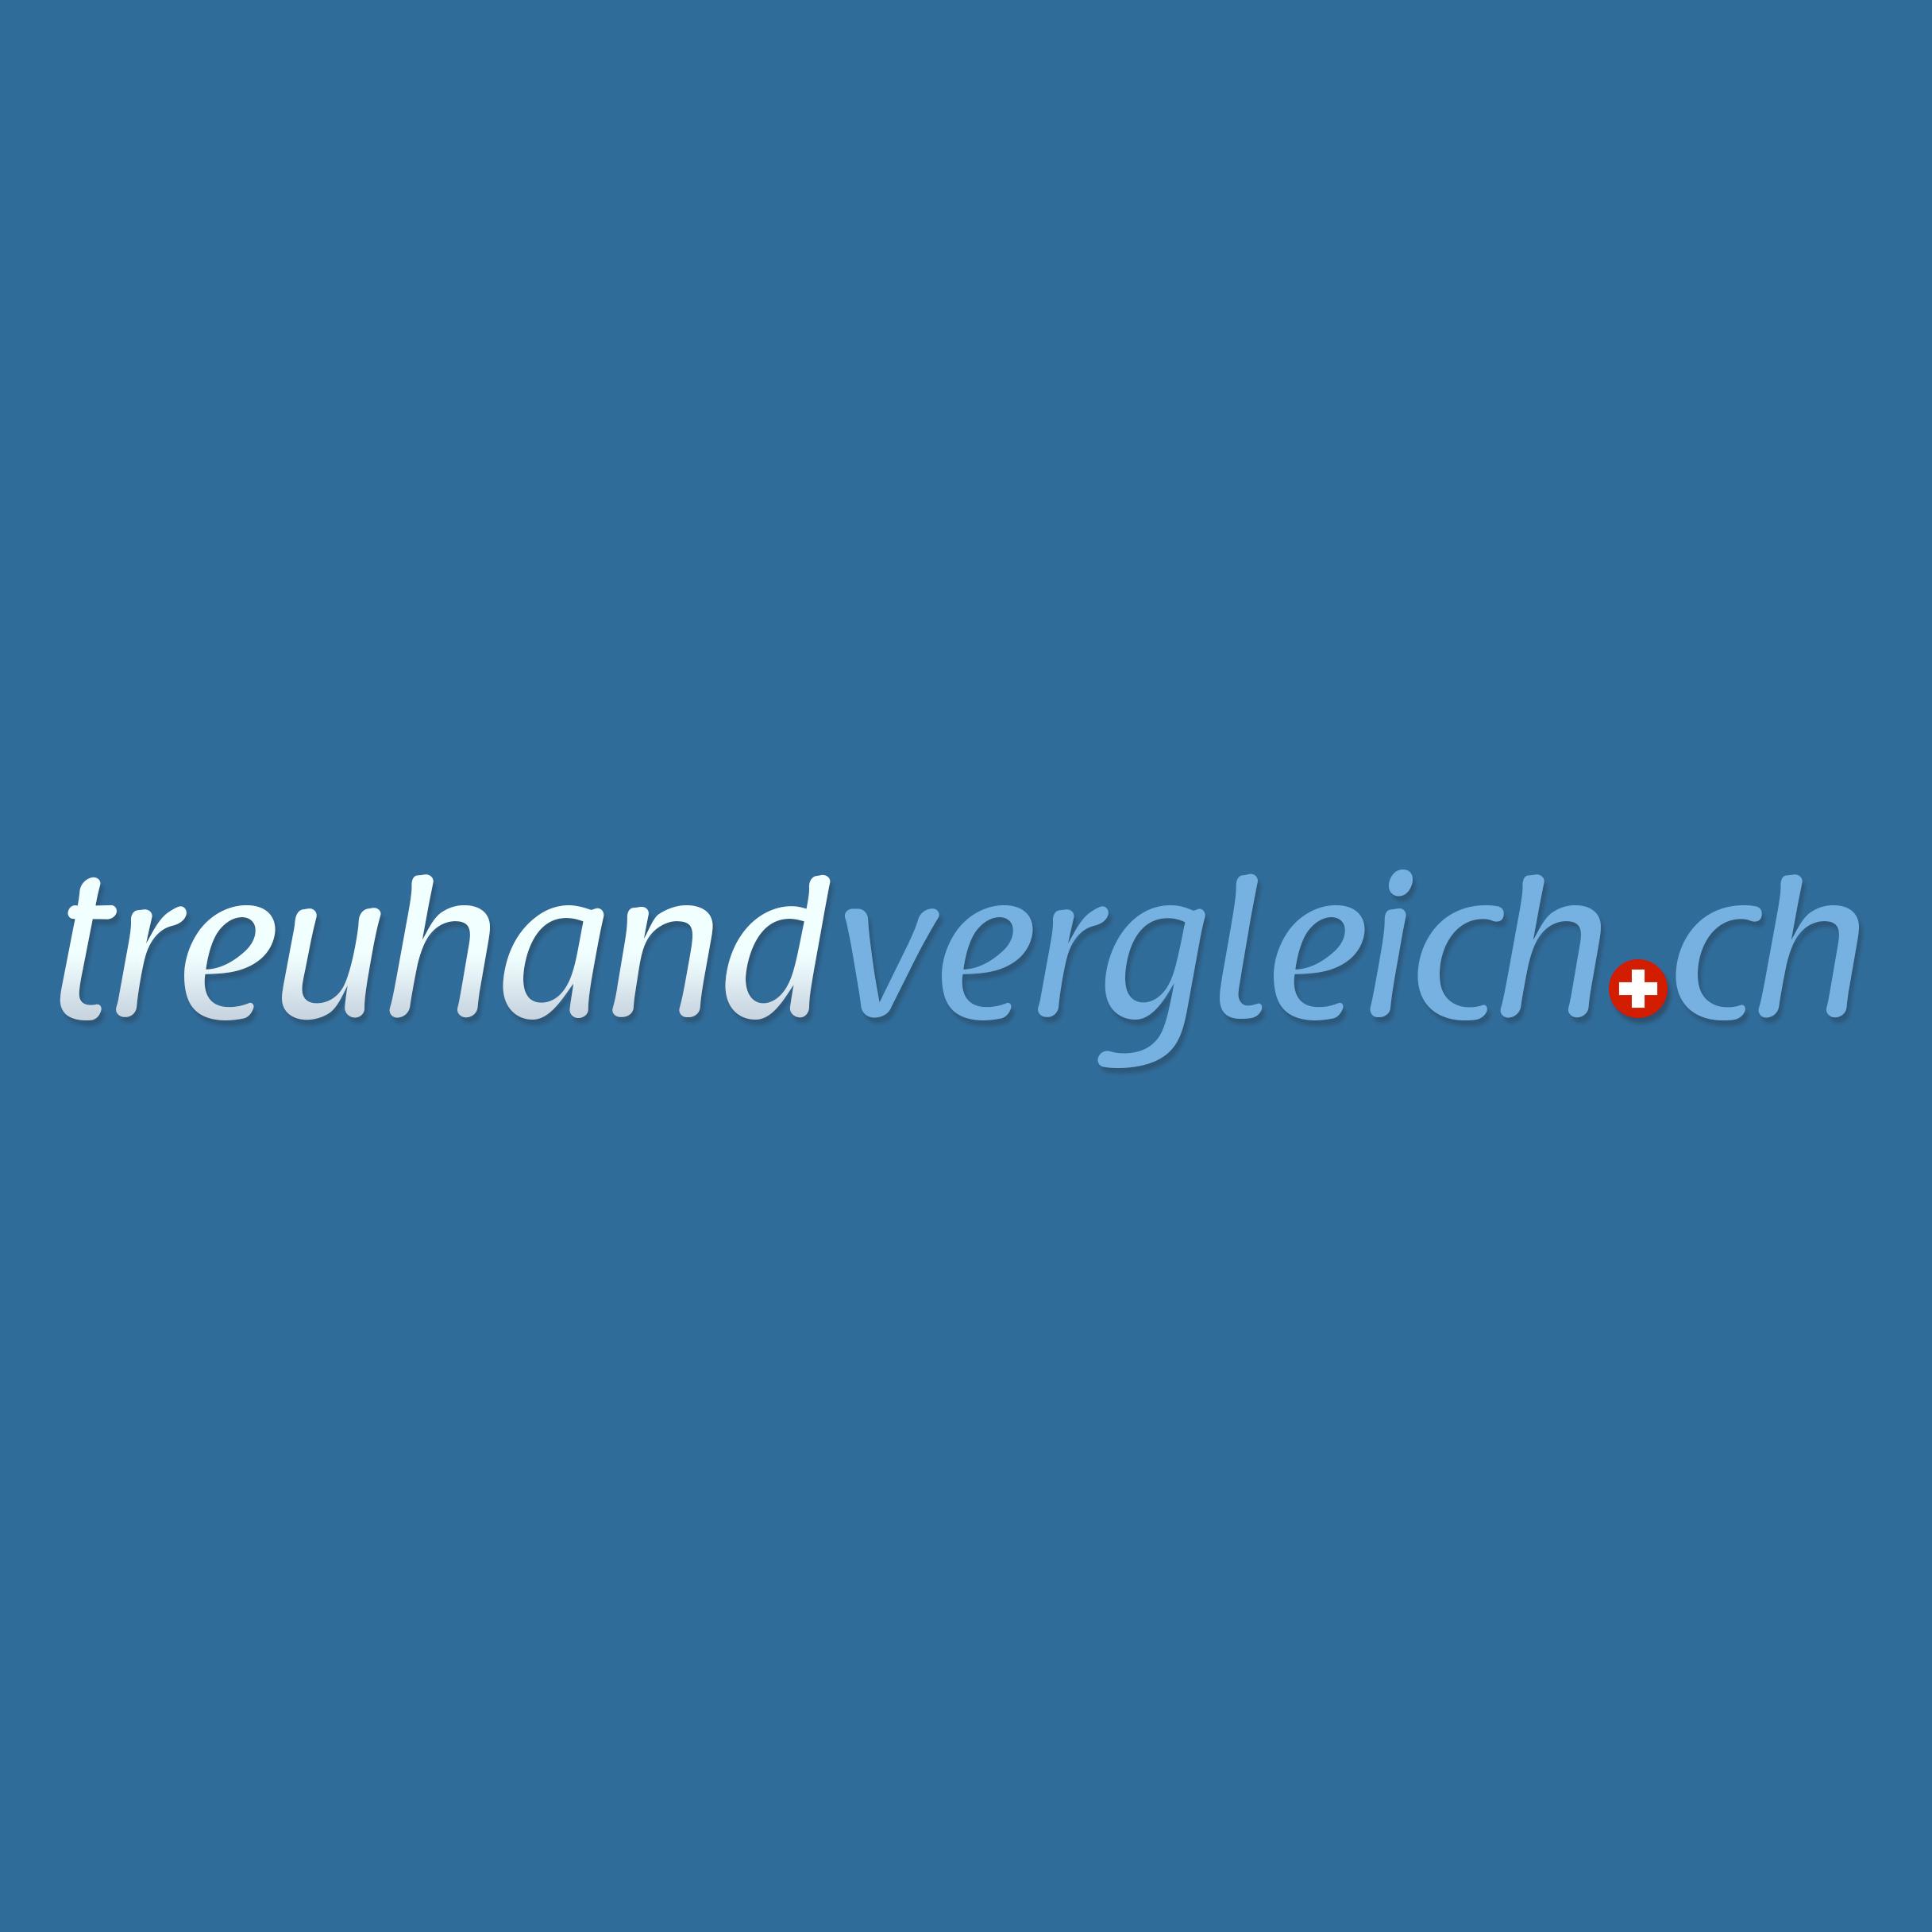 Treuhandvergleich.ch